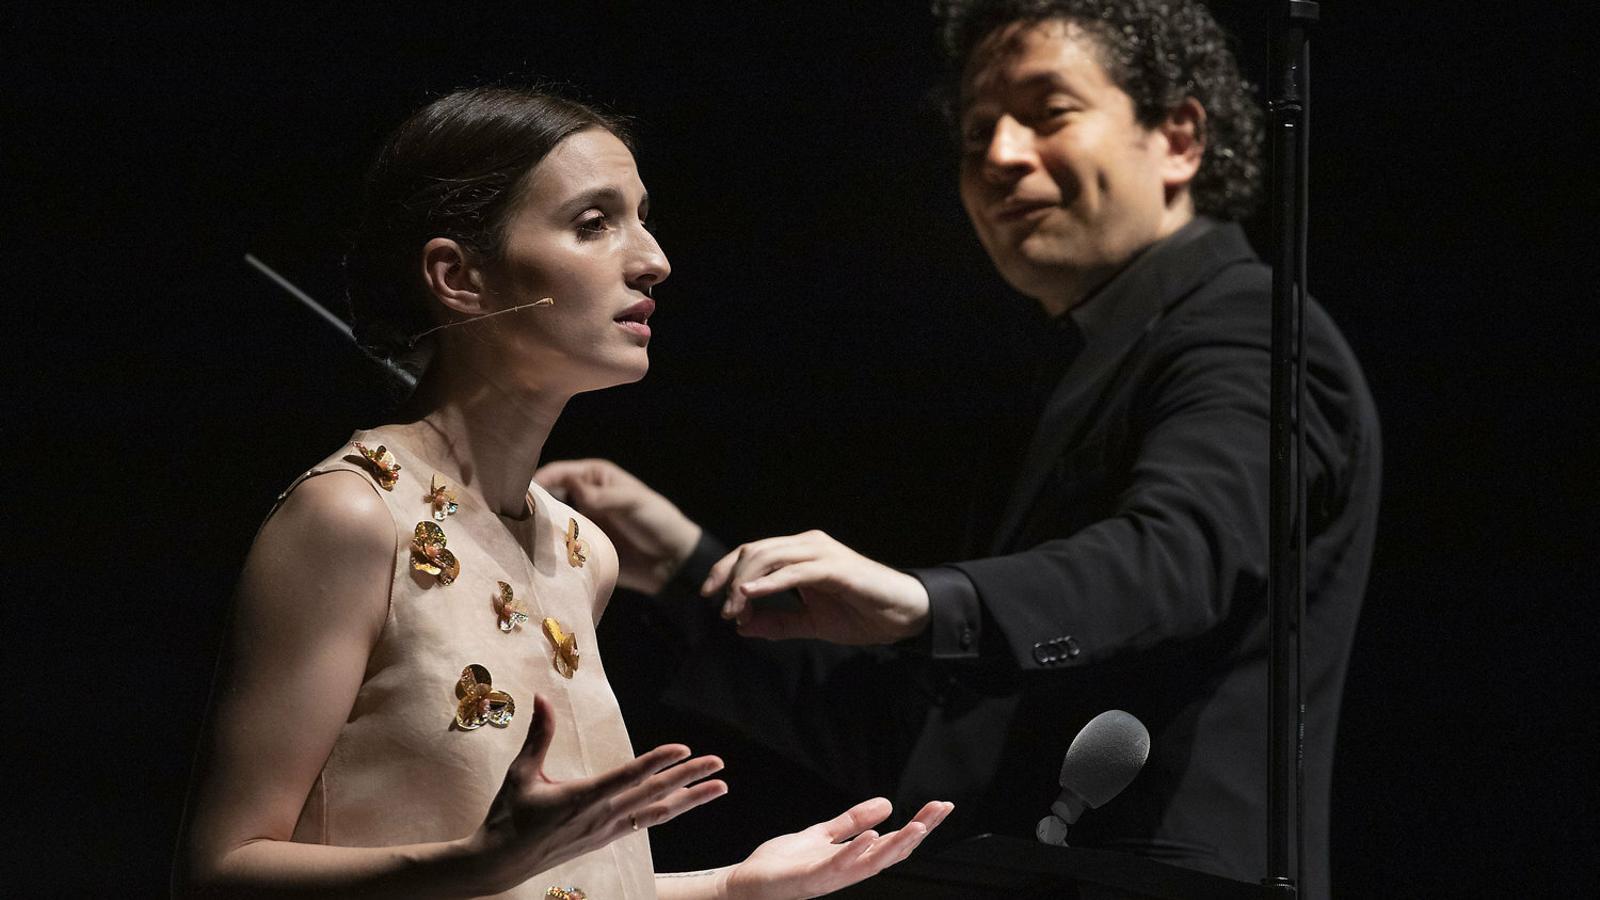 El director musical Gustavo Dudamel amb l'actriu María Valverde aquest dissabte al Festival de Peralada.